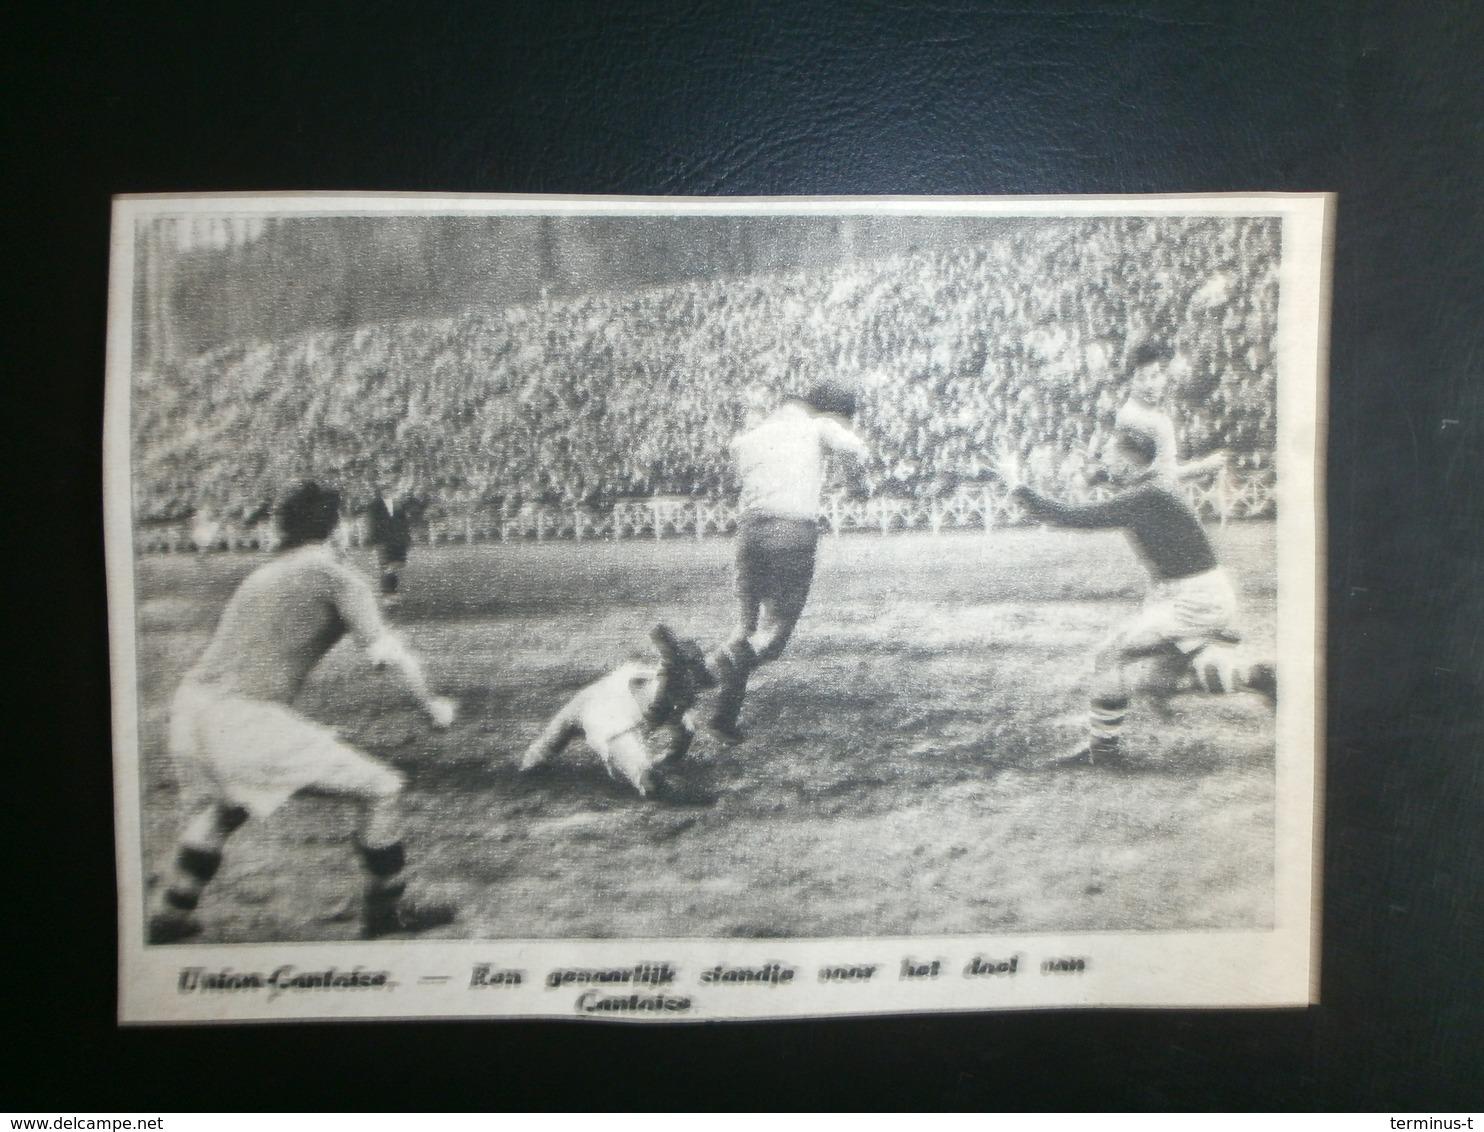 Union-Gantoise. Voetbal 1947 - Documents Historiques